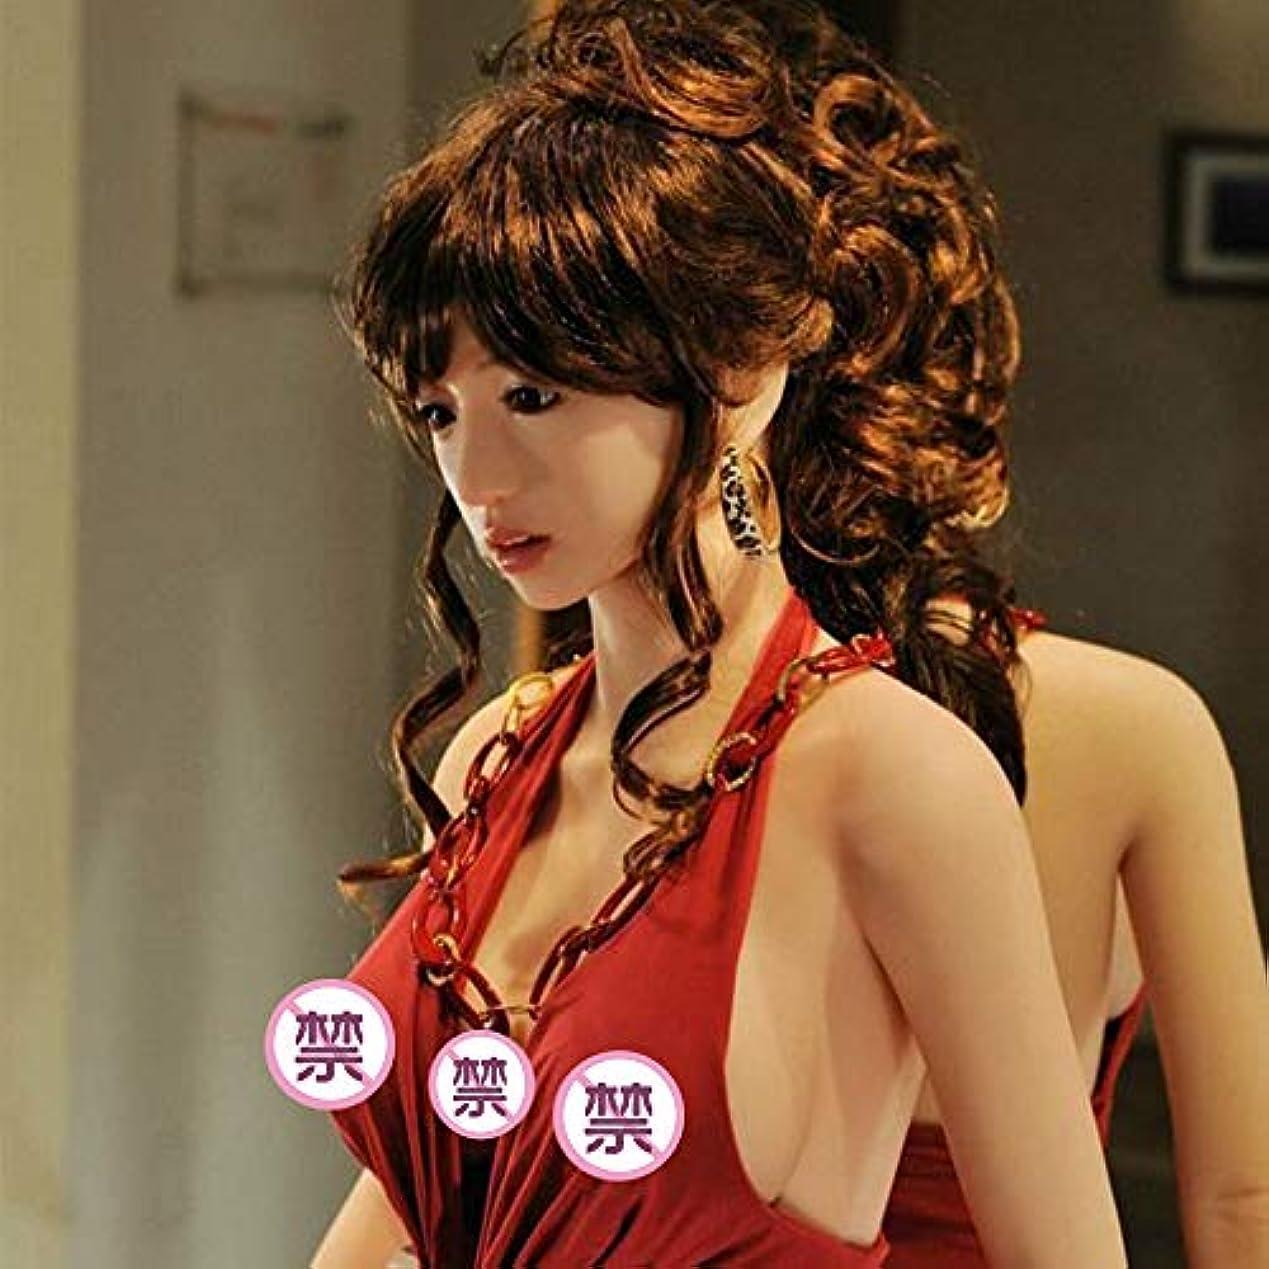 振り返る逃れるキルス巨乳女性ボディモデル リアルドール ラブドール 童颜 ール おっぱい 膣 柔尻 大人のおもちゃ オナニーグ ンチインフレータブル のリアルな女性の胸膣手と足の31D顔の目のマスターベーションのおもリアルドール 可愛い ラブドール...